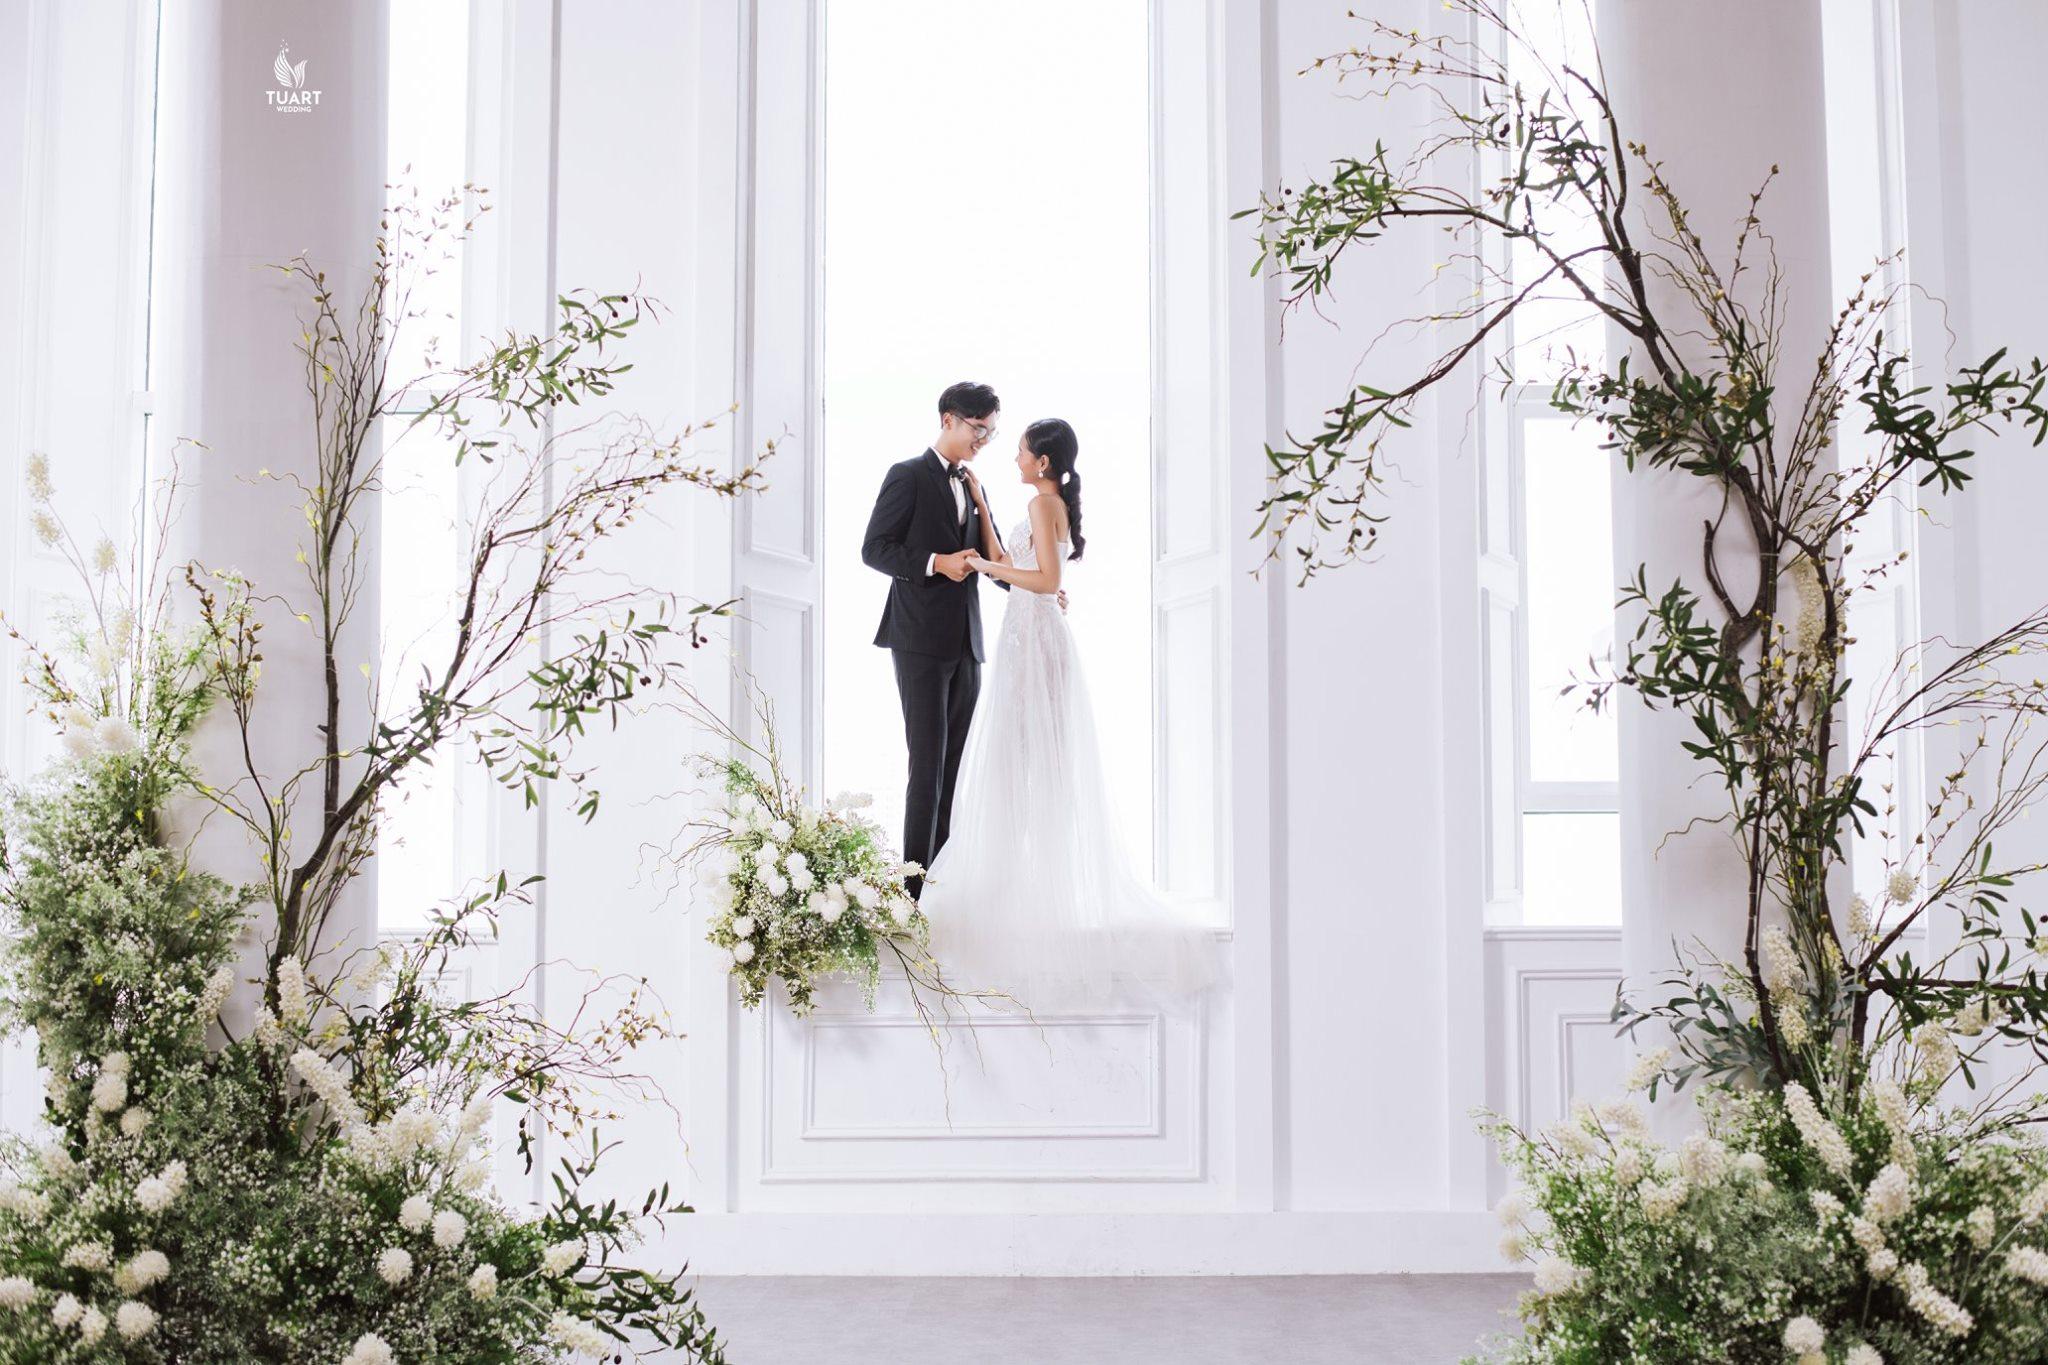 Album chụp ảnh cưới đẹp tại Hà Nội: 5 Graden Studio 19